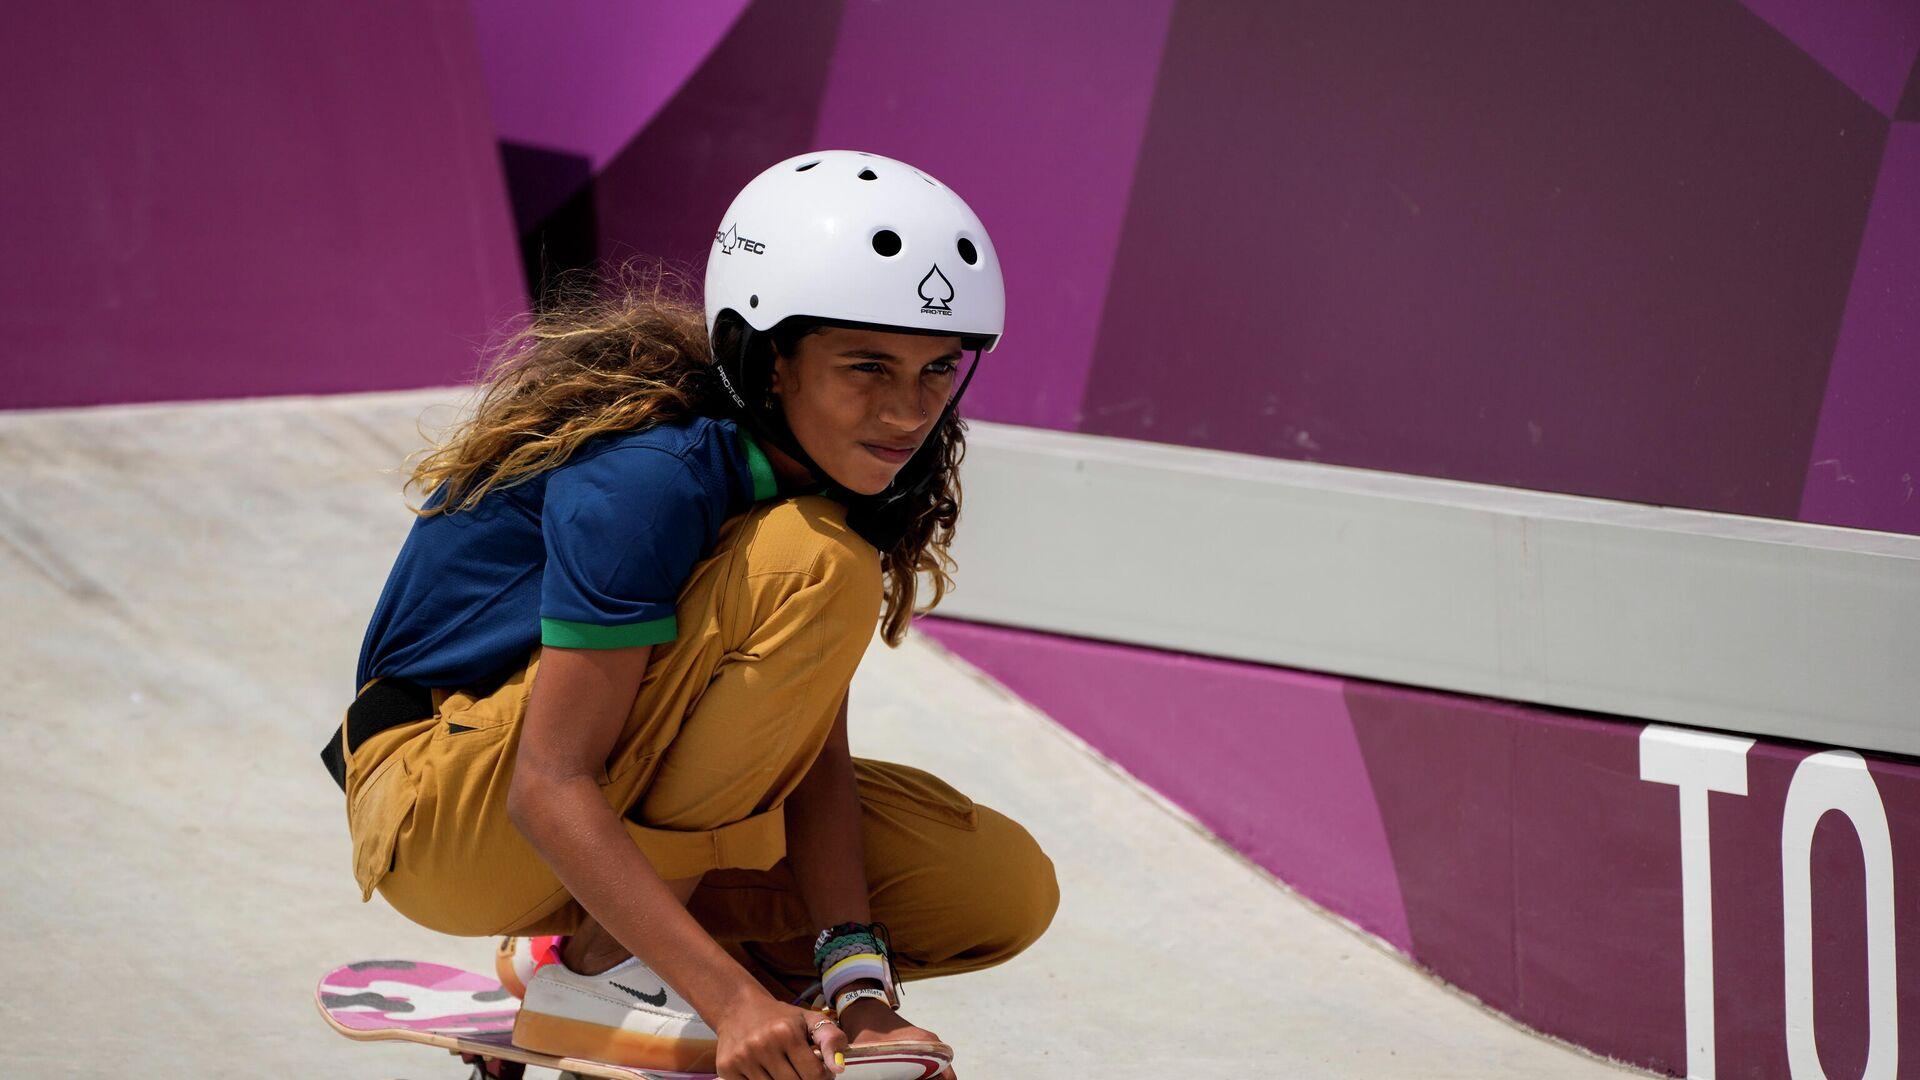 Rayssa Leal, brasileña de 13 años que logró una medalla de plata en skateboarding en los Juegos Olímpicos de Tokio 2020 - Sputnik Mundo, 1920, 26.07.2021